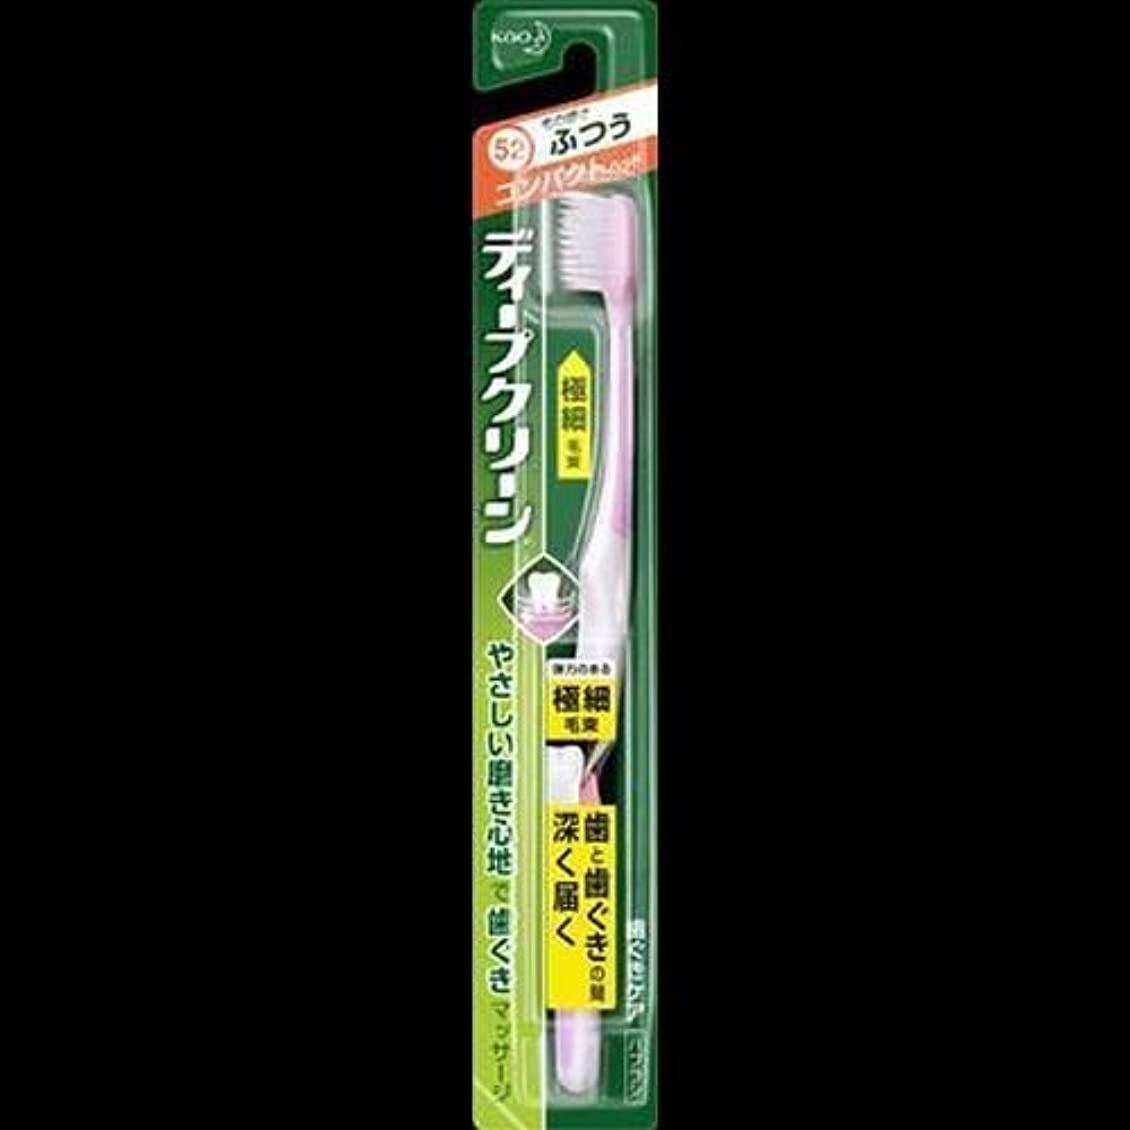 技術者カタログ収入【まとめ買い】ディープクリーン ハブラシ コンパクト ふつう ×2セット